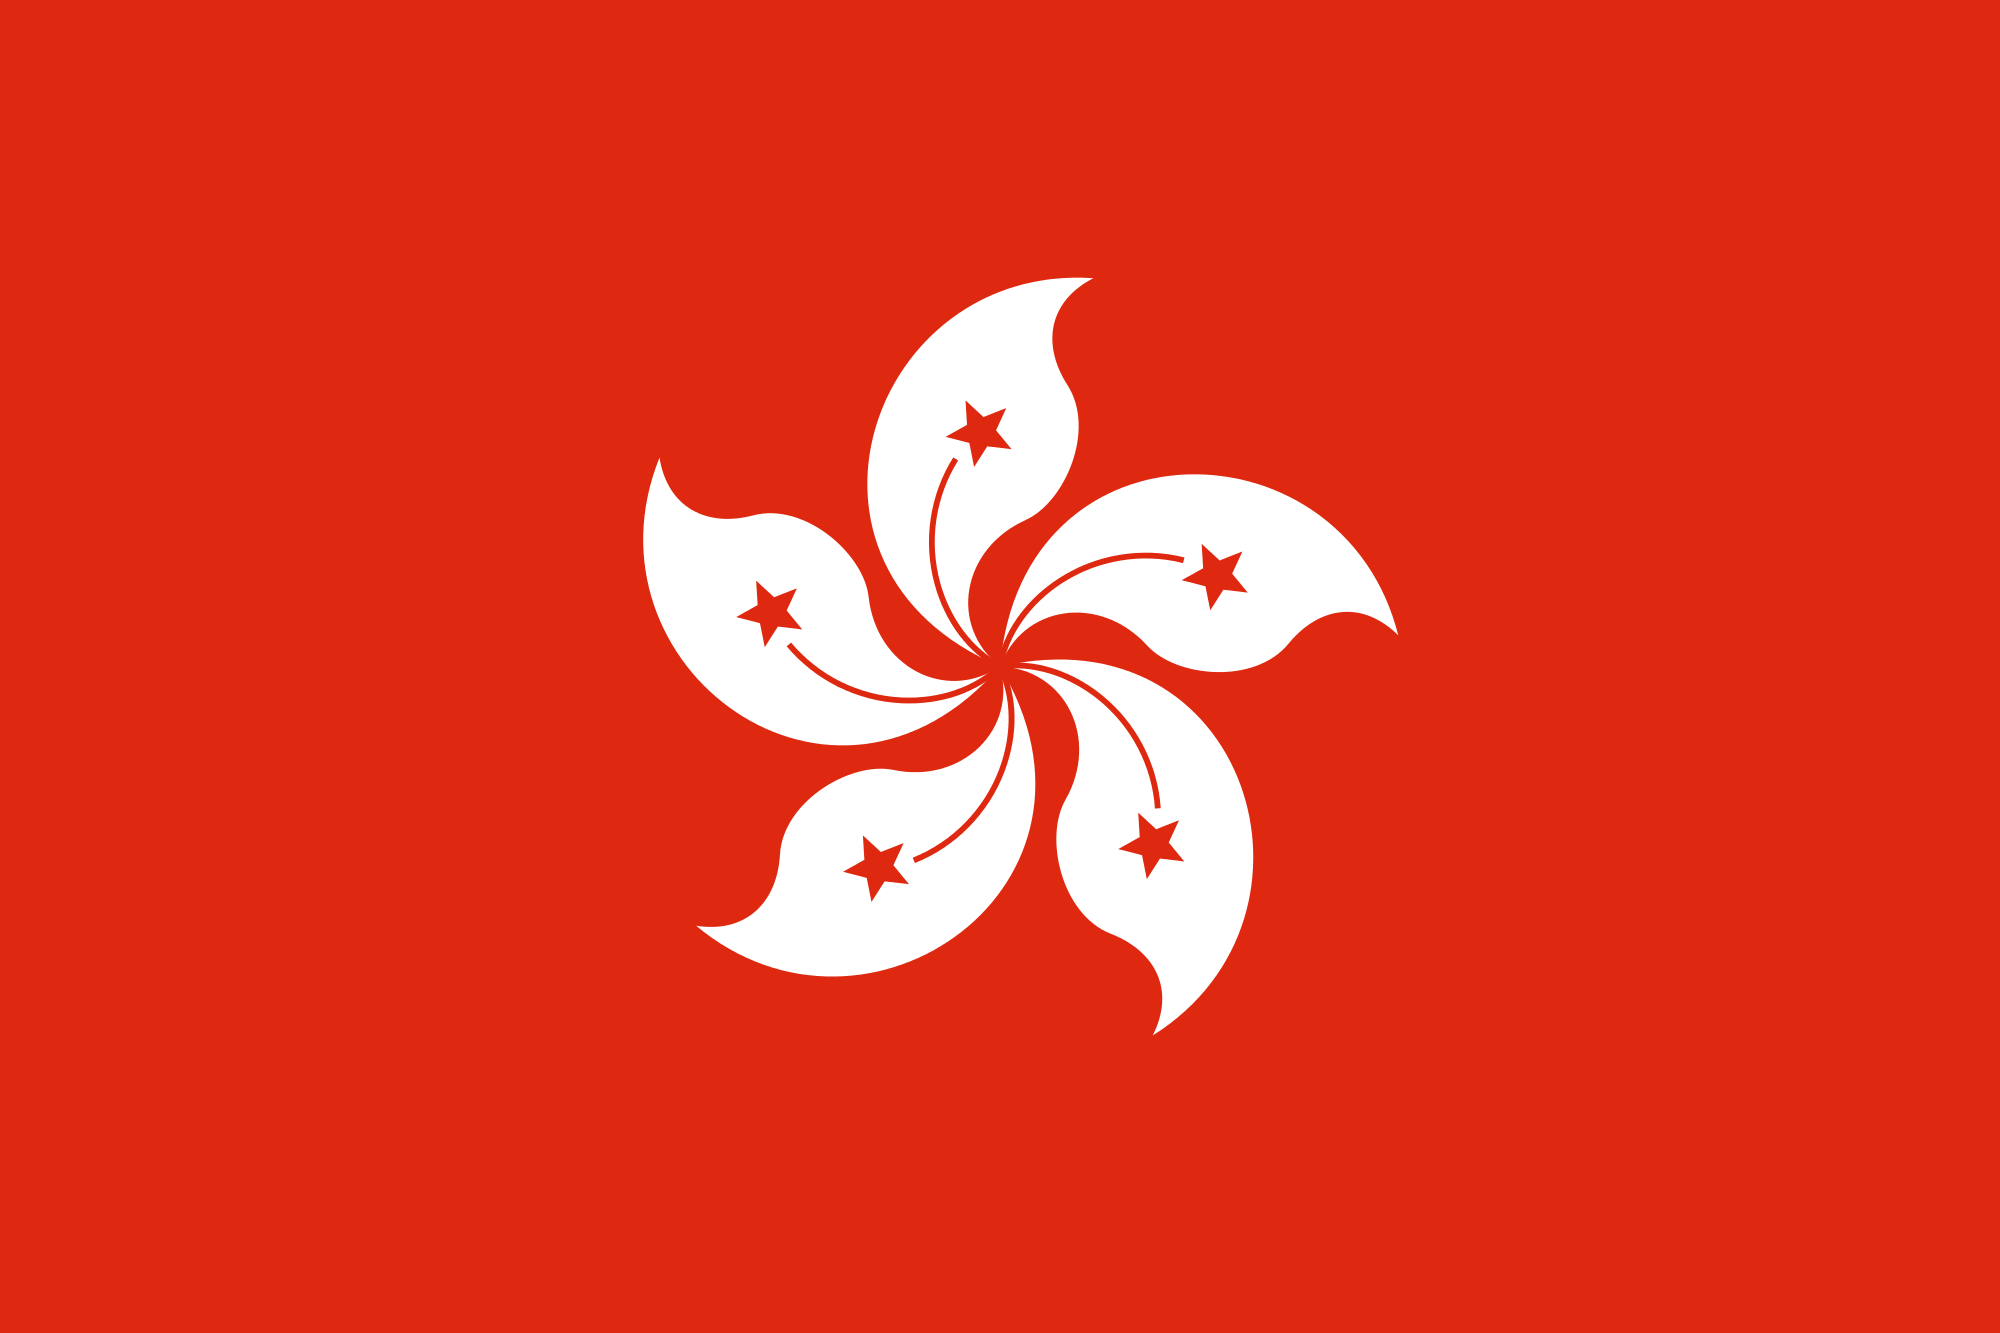 hong kong, χώρα, έμβλημα, λογότυπο, σύμβολο - Wallpapers HD - Professor-falken.com